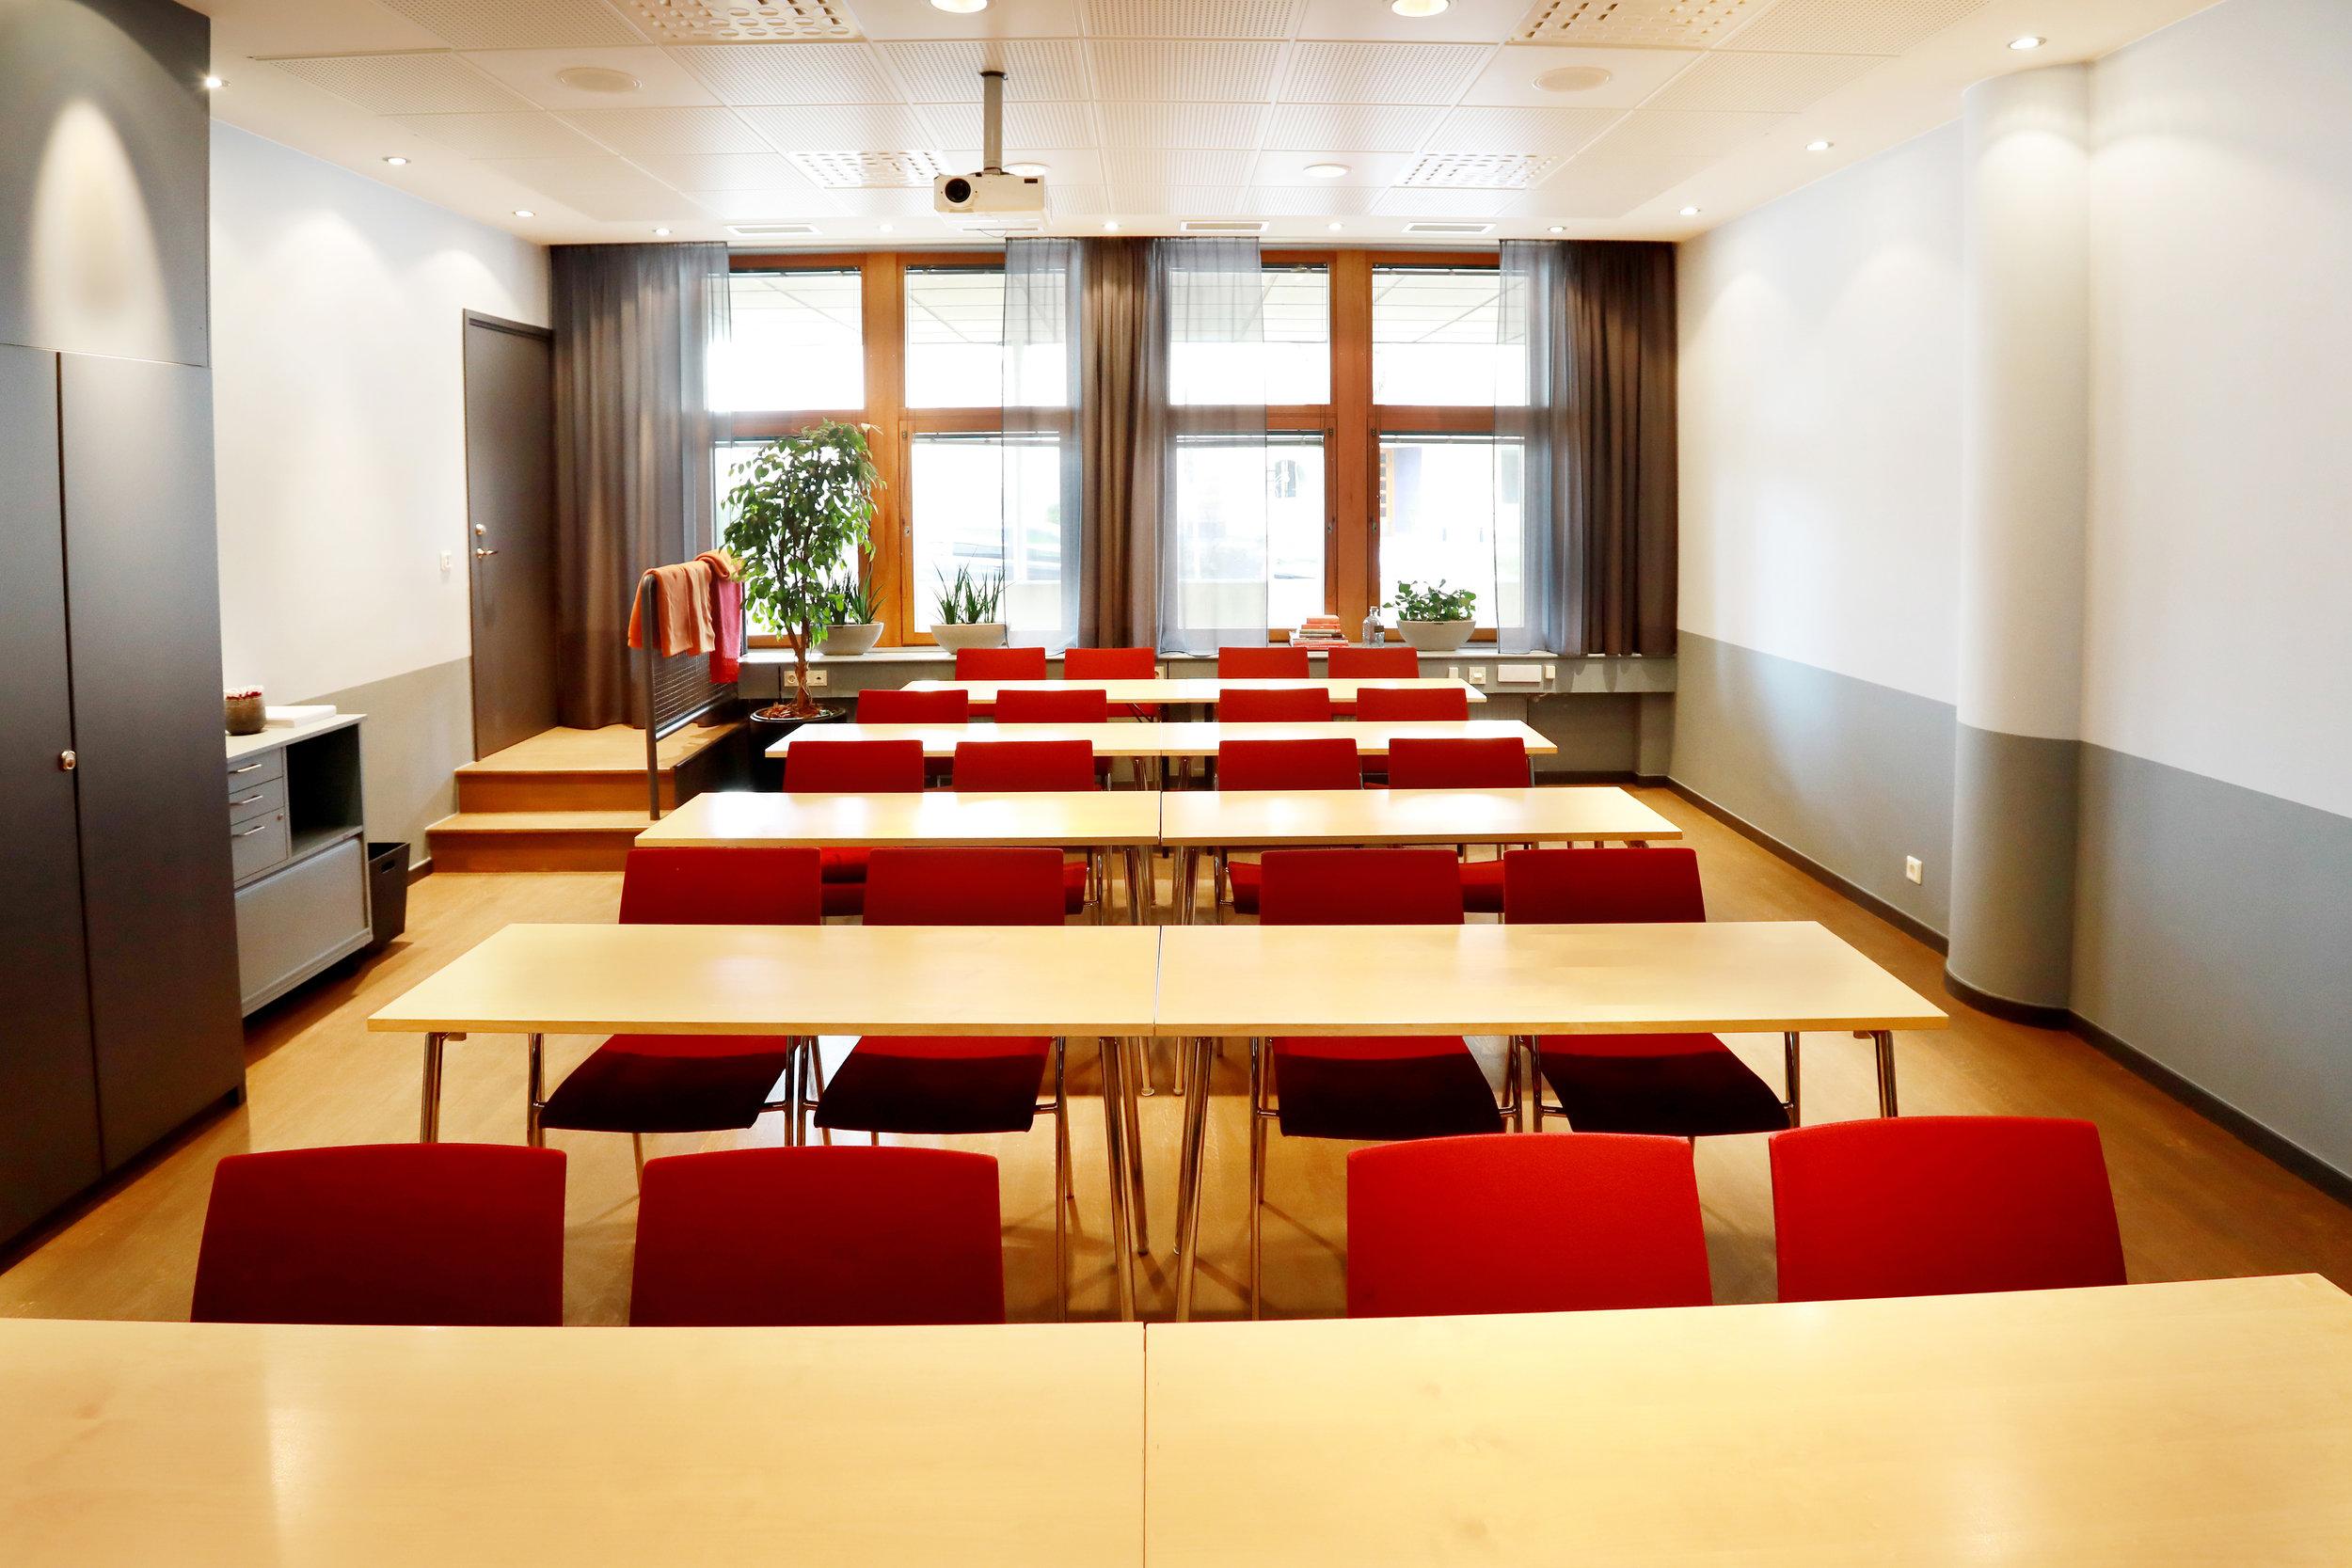 Adelsö >26 personer  För något mindre konferenser, men inte vårt minsta rum! Adelsö har även en förbindelsegång till scenen i Essingesalen vilket gör lokalen perfekt som loge.